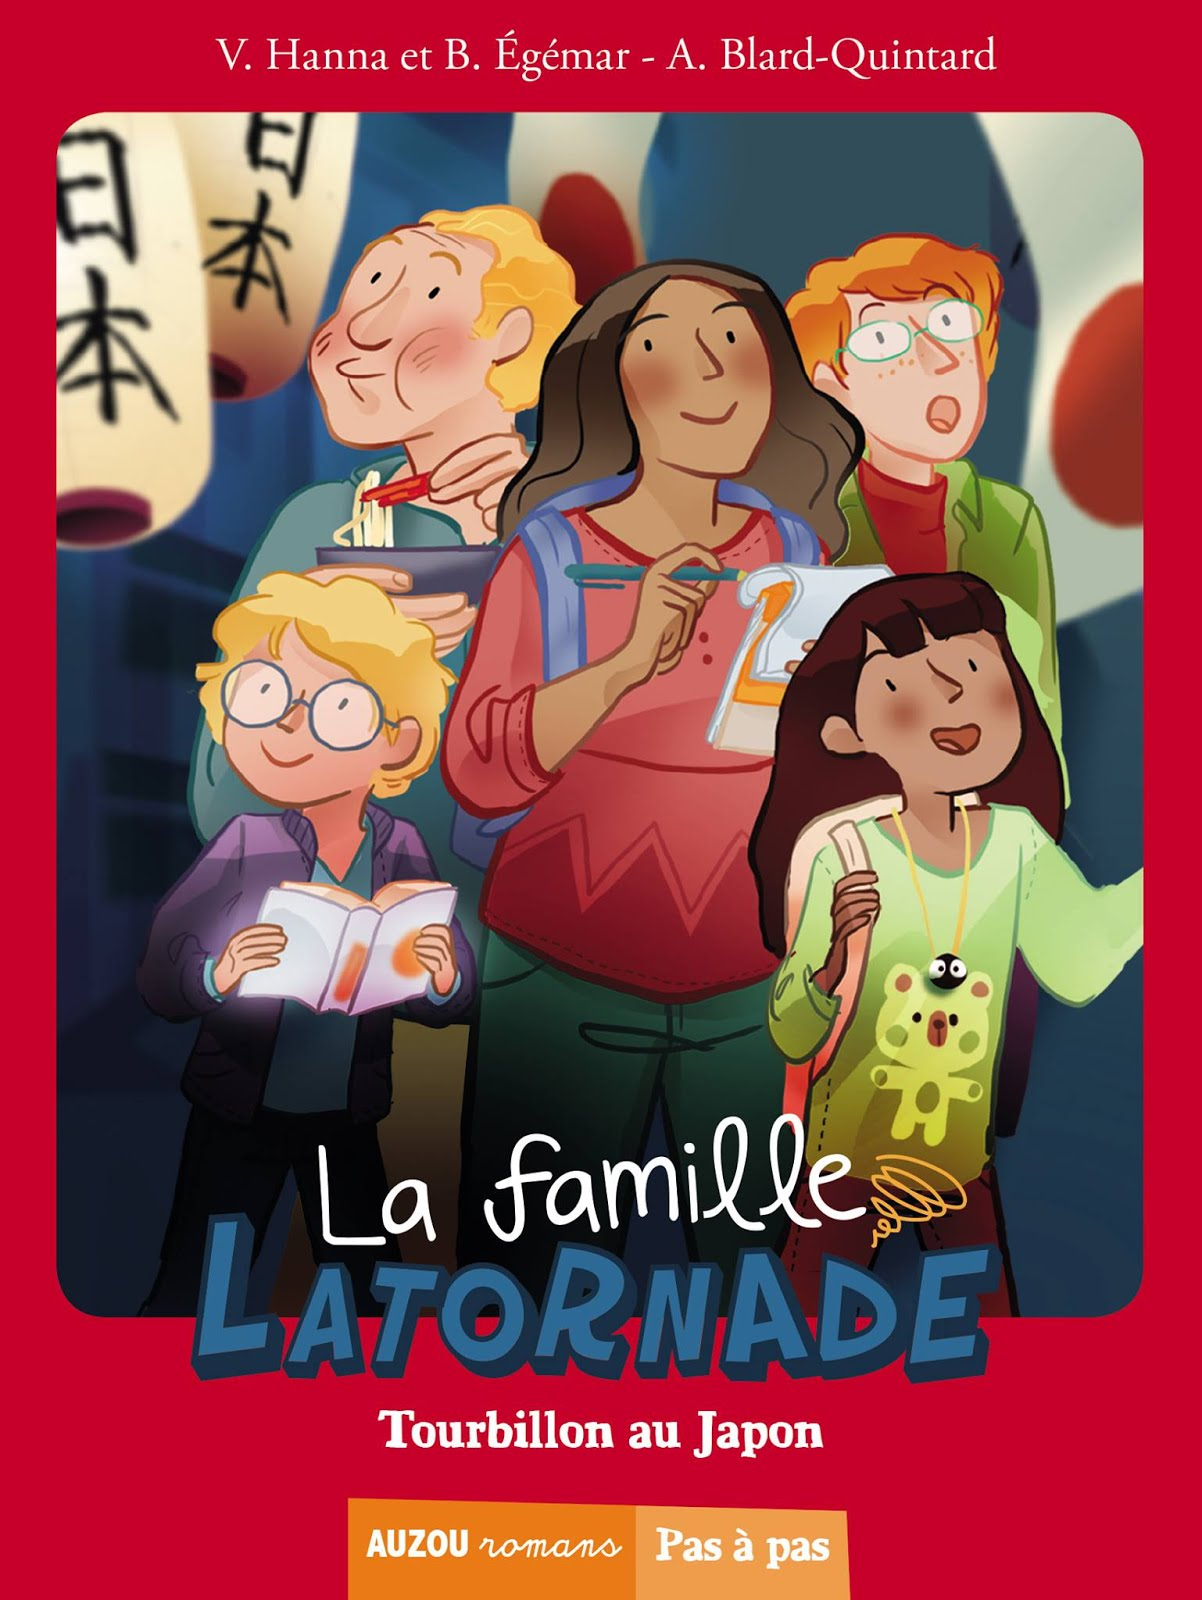 La famille Latornade, tourbillon au Japon